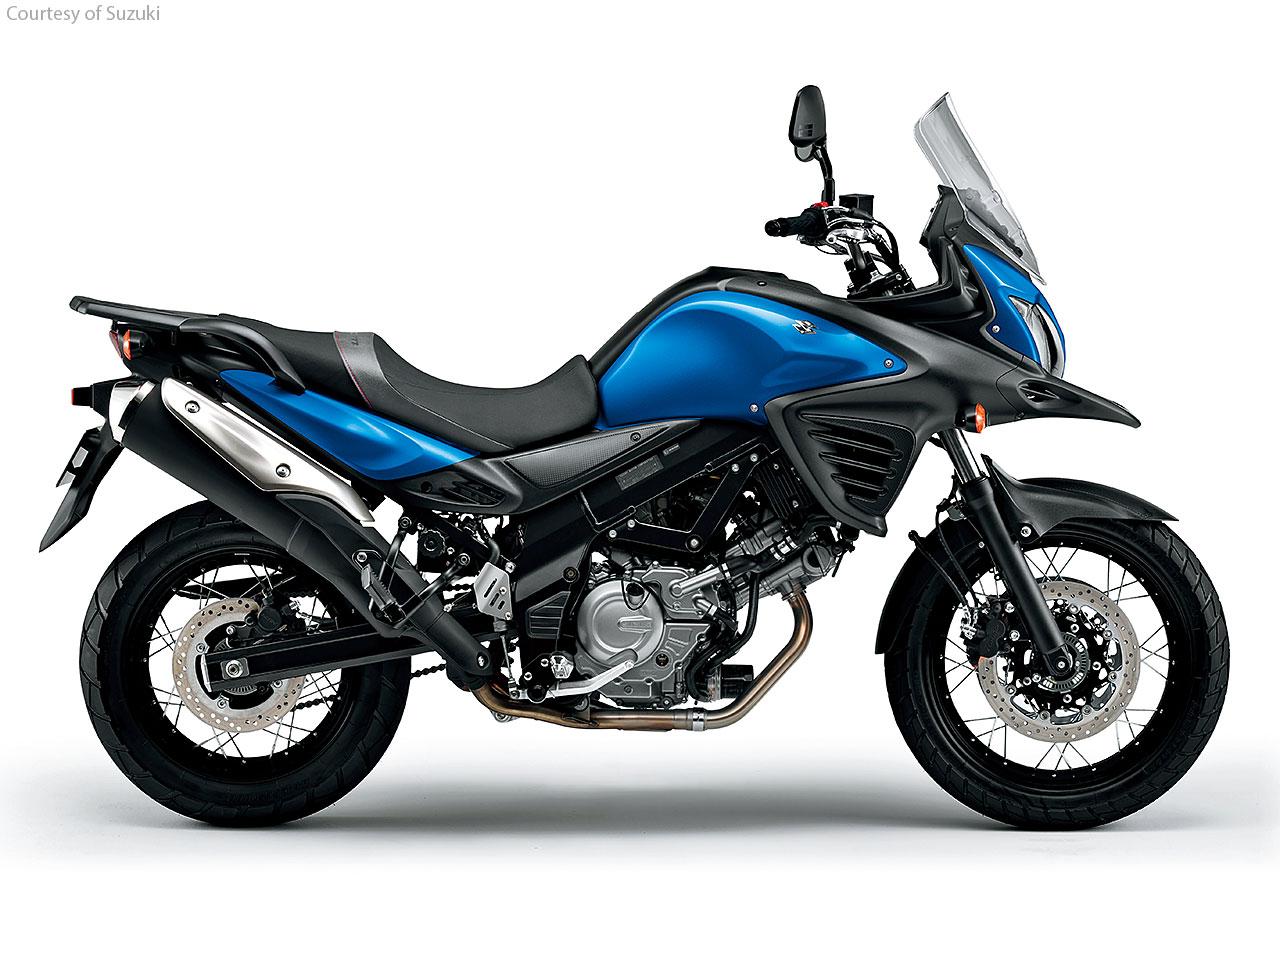 Compare a harley davidson v rod muscle vrscf 2009 a 2017 com outra - Compare A Harley Davidson V Rod Muscle Vrscf 2009 A 2017 Com Outra 41